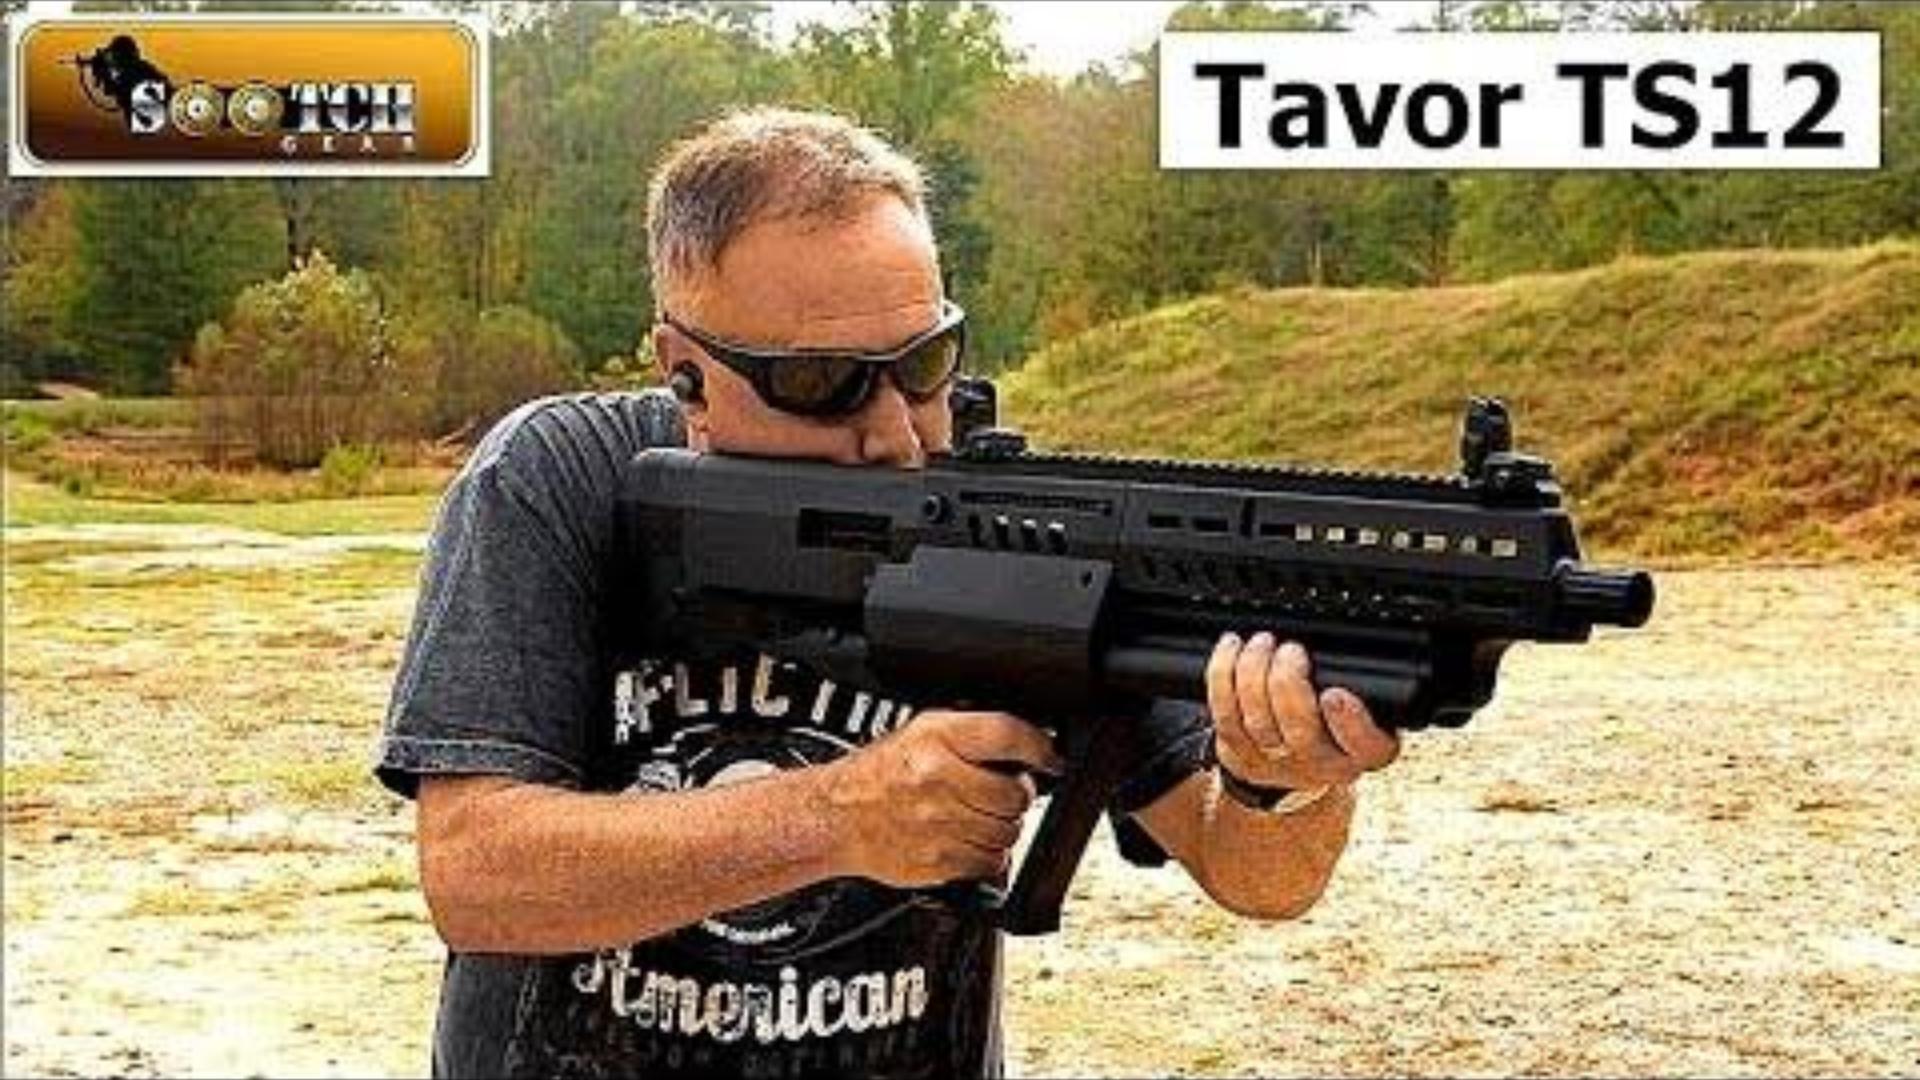 [sootch00]IWI塔沃尔TS12霰弹枪